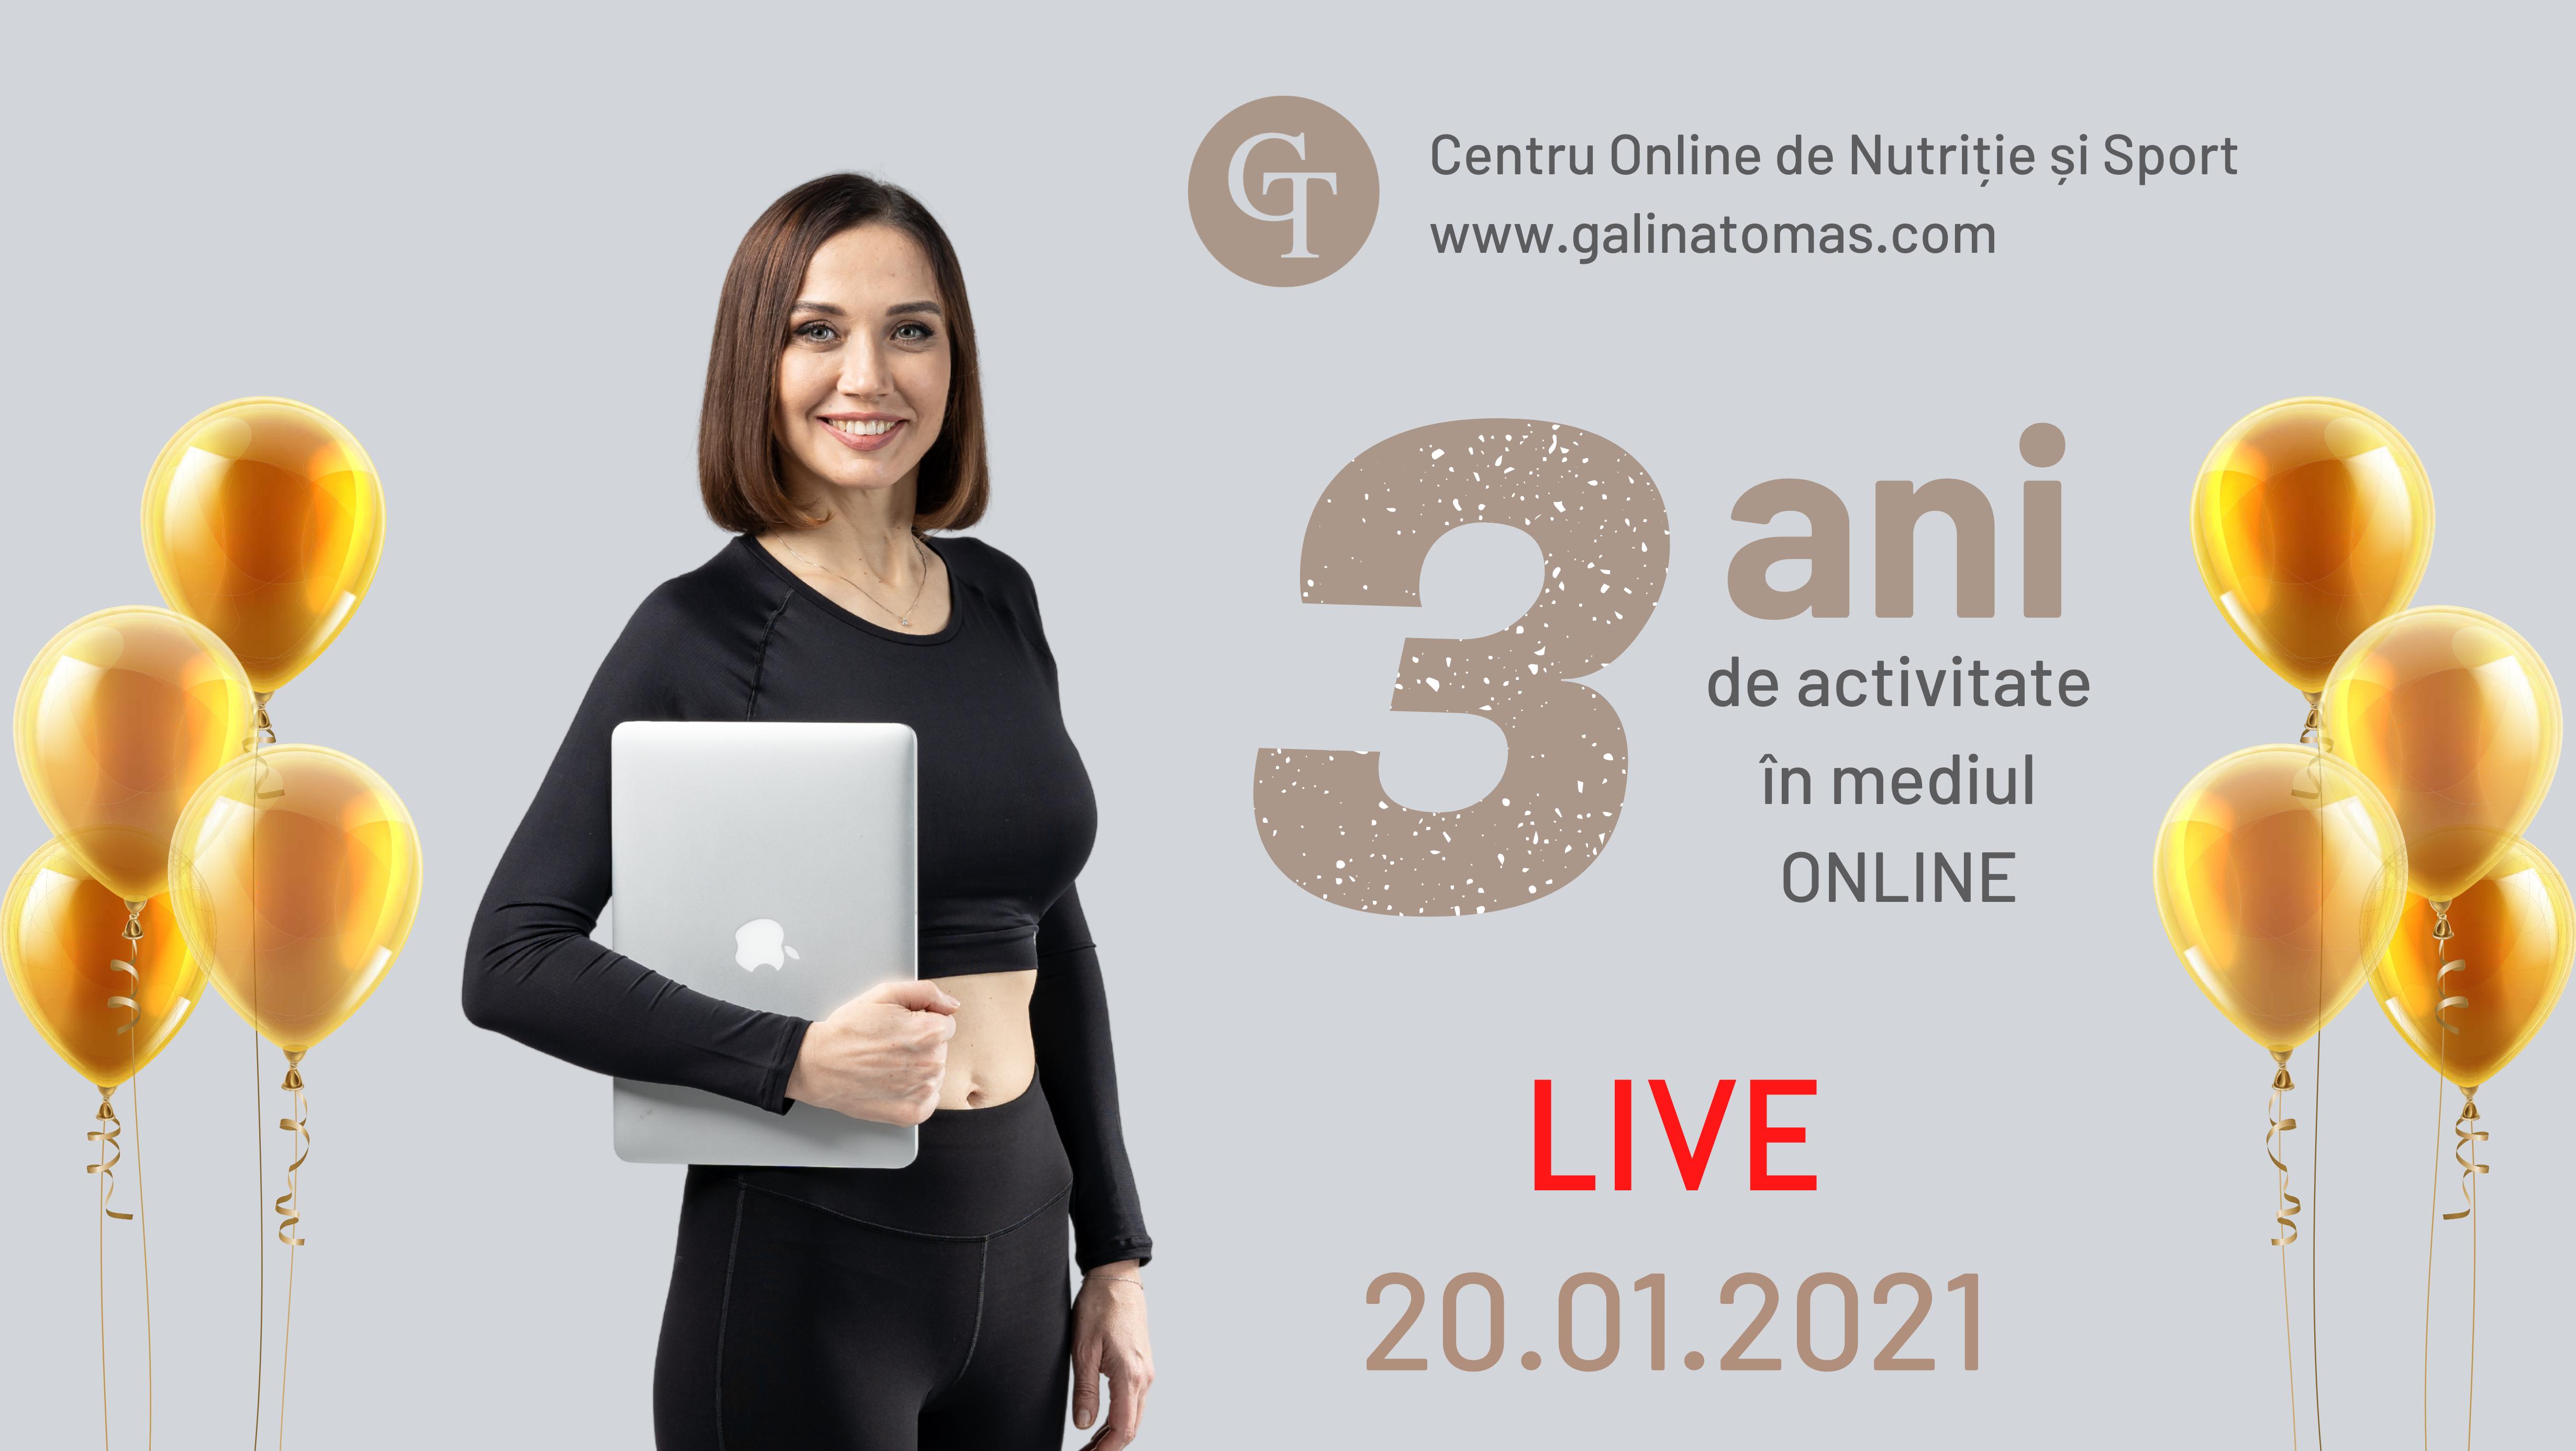 Foto: Trei ani de sănătate și perseverență în mediul online! La mulți ani, Centru Online de Nutriție și Sport www.galinatomas.com